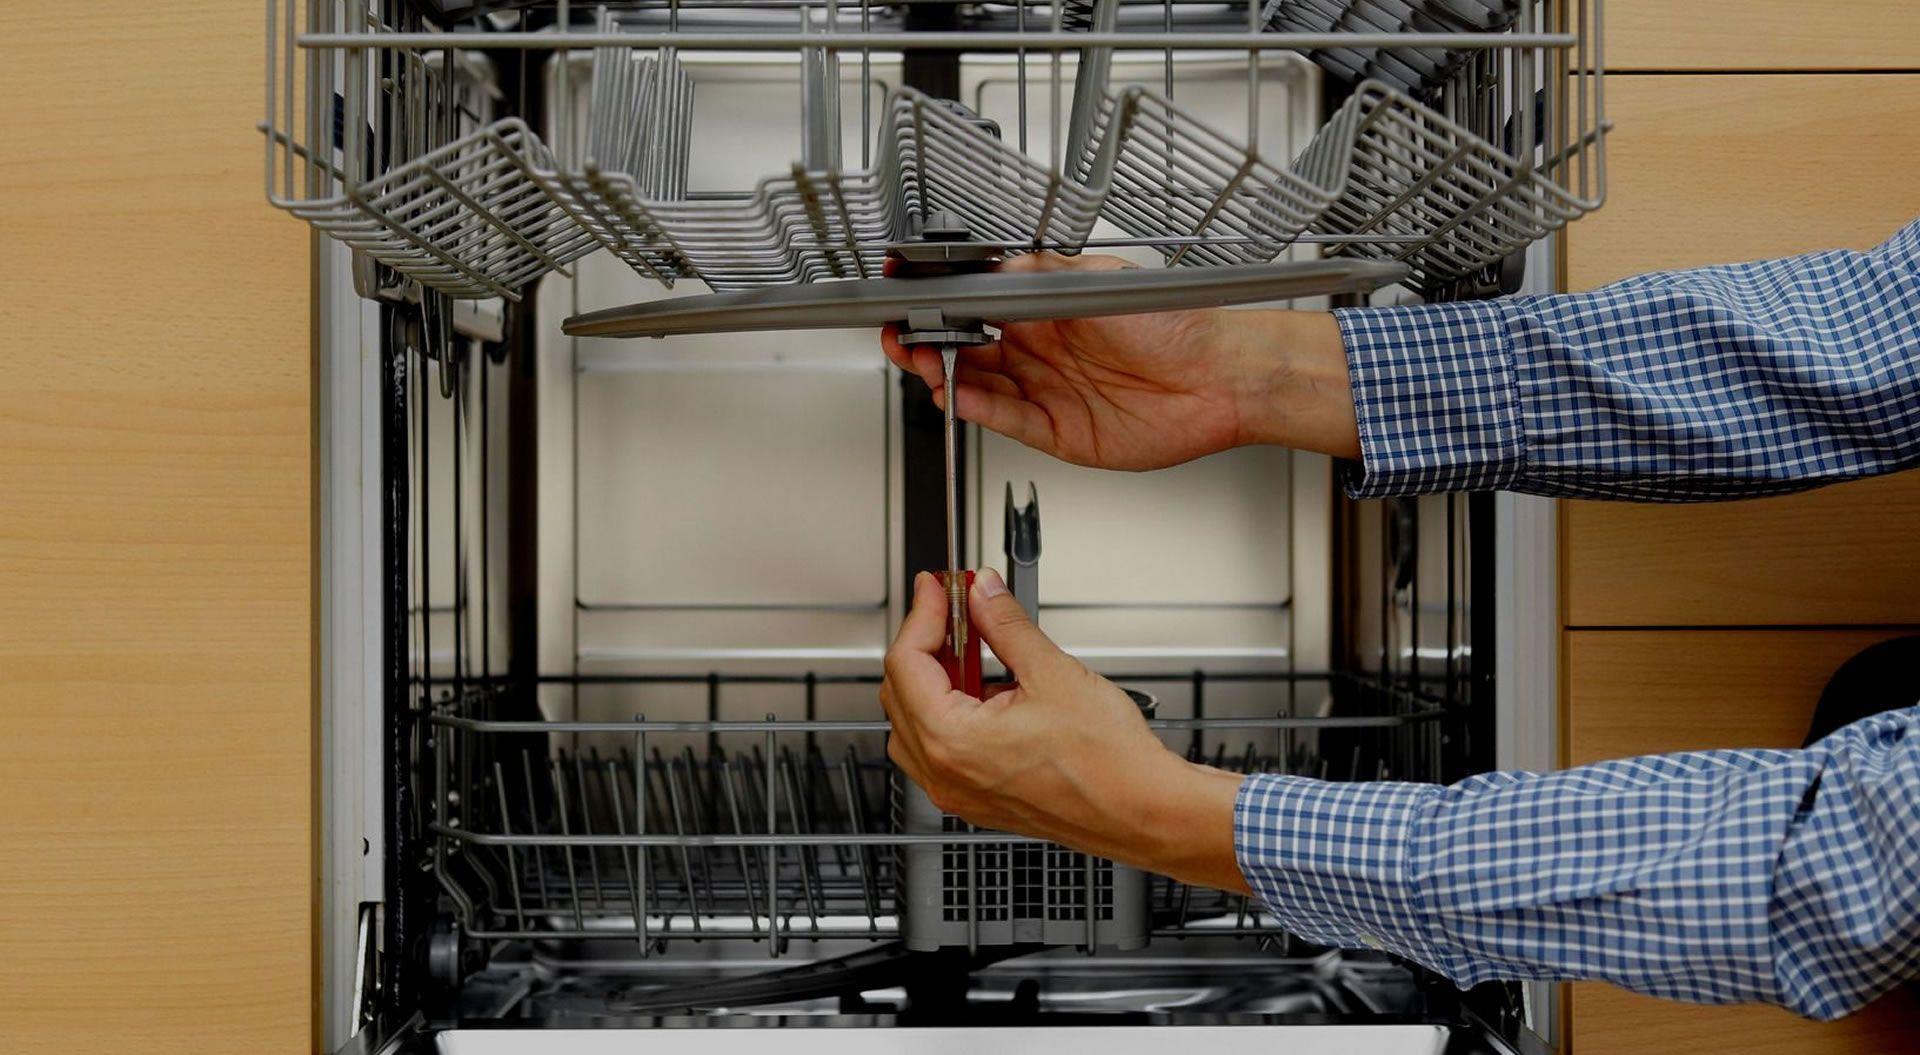 Chattanooga Appliance Repair Appliance Repair In Chattanooga Tn Dishwasher Repair Appliance Repair Washing Machine Repair